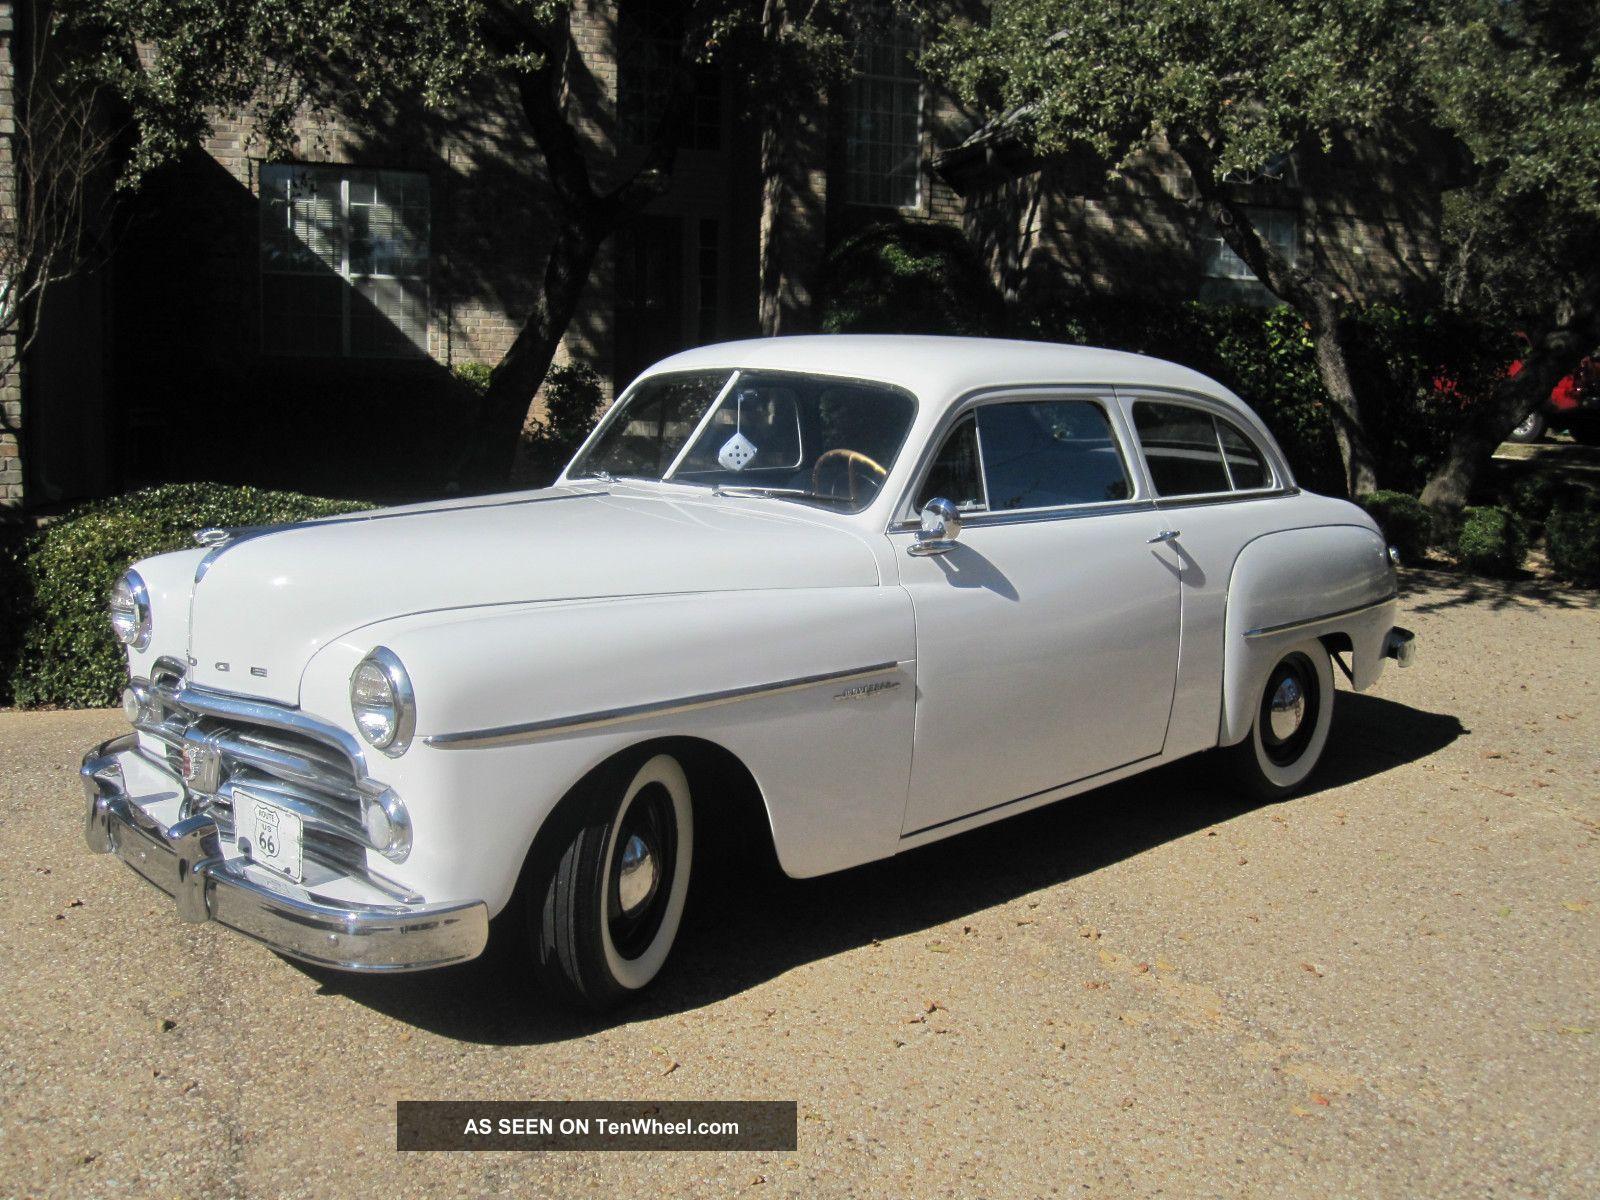 1950 Dodge Wafarer 2 Dr Sedan Other photo